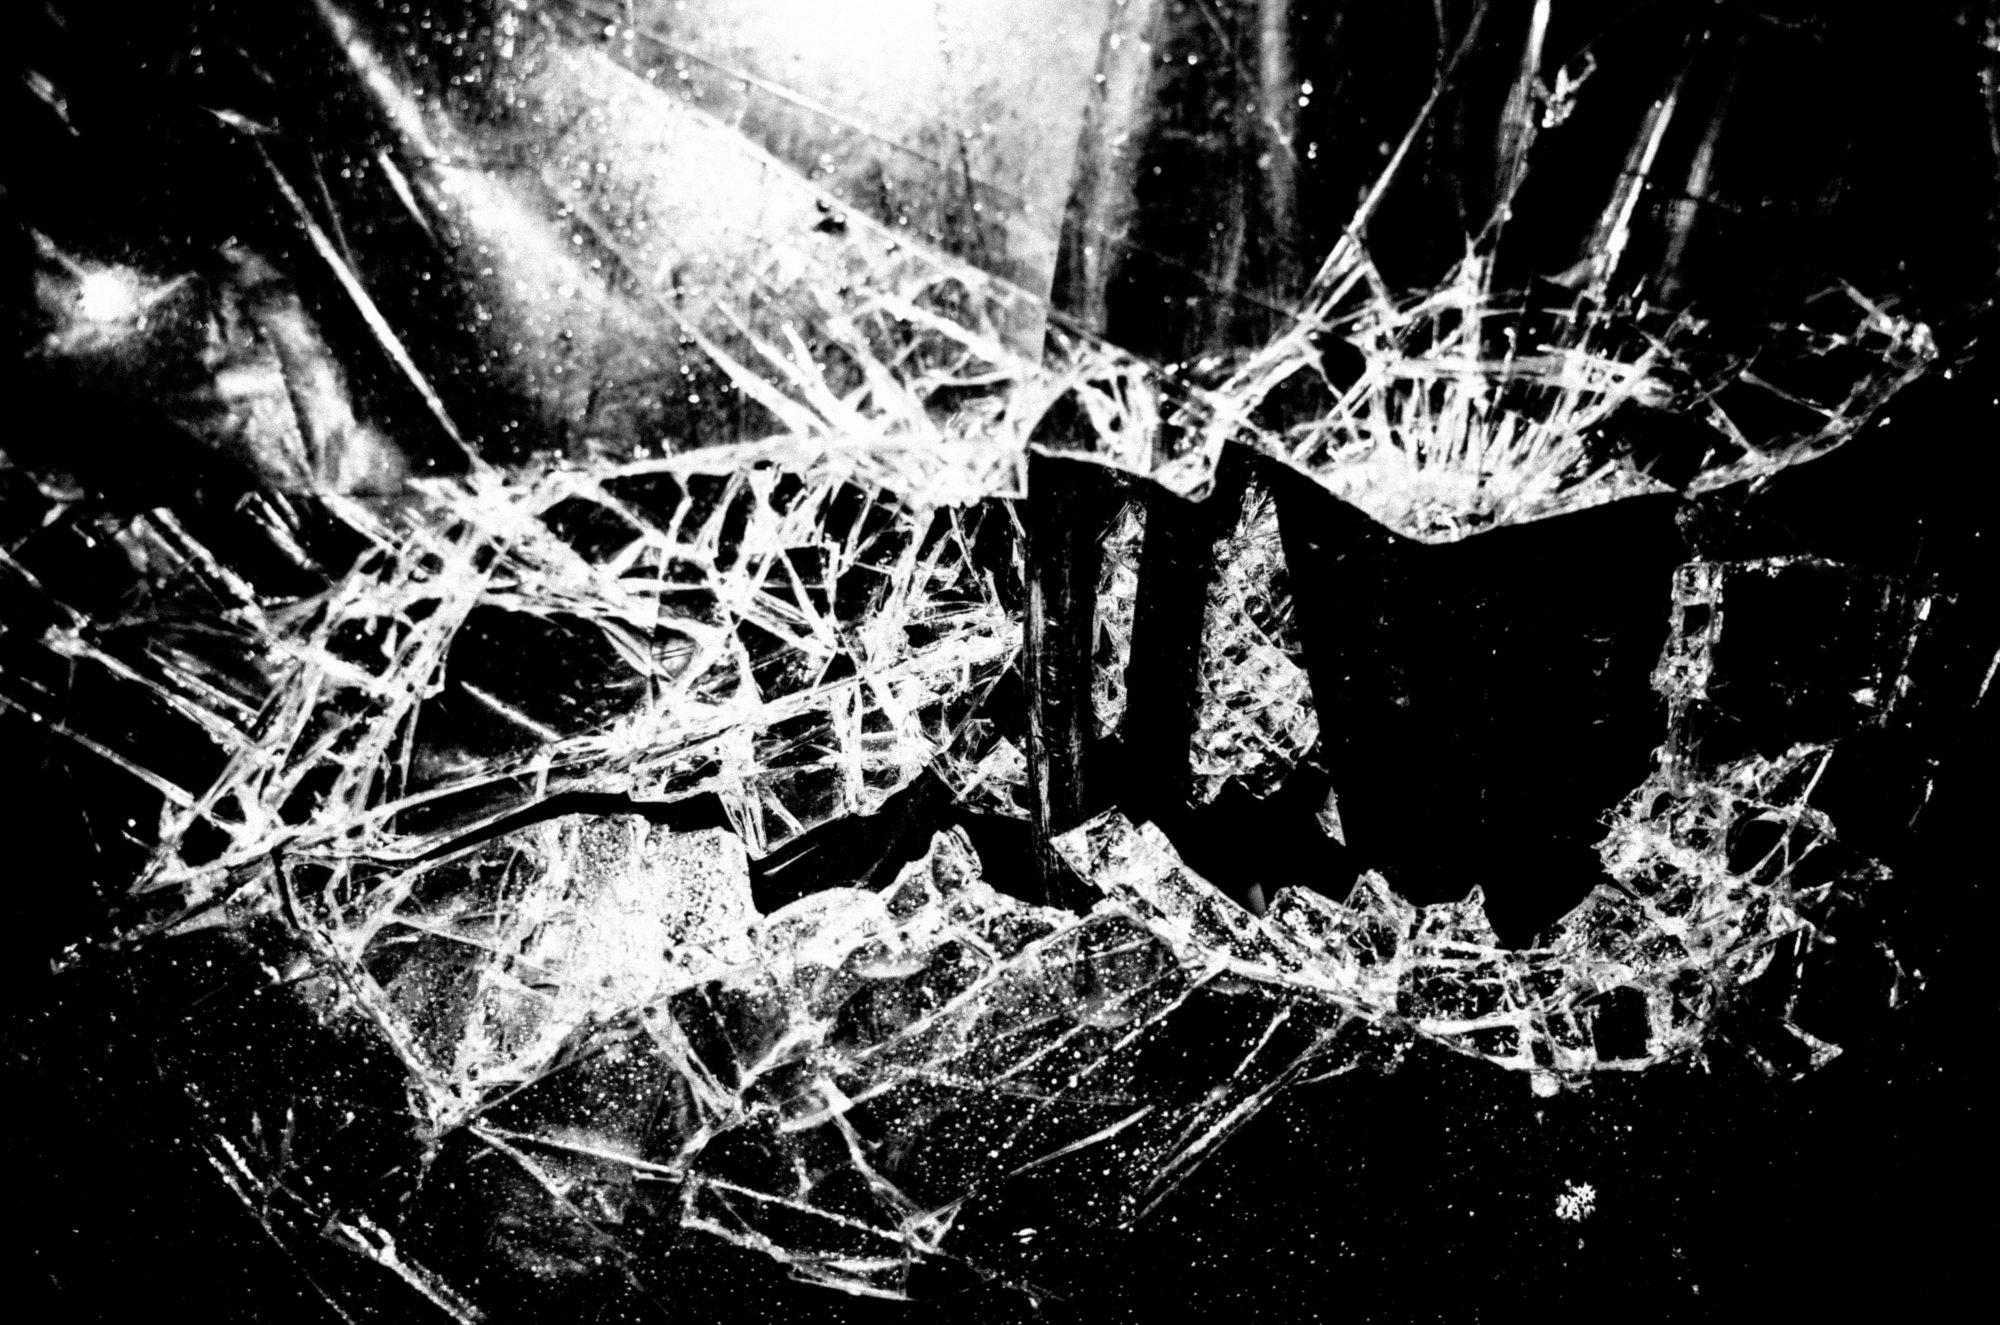 Broken glass. Hanoi, 2017 black and white